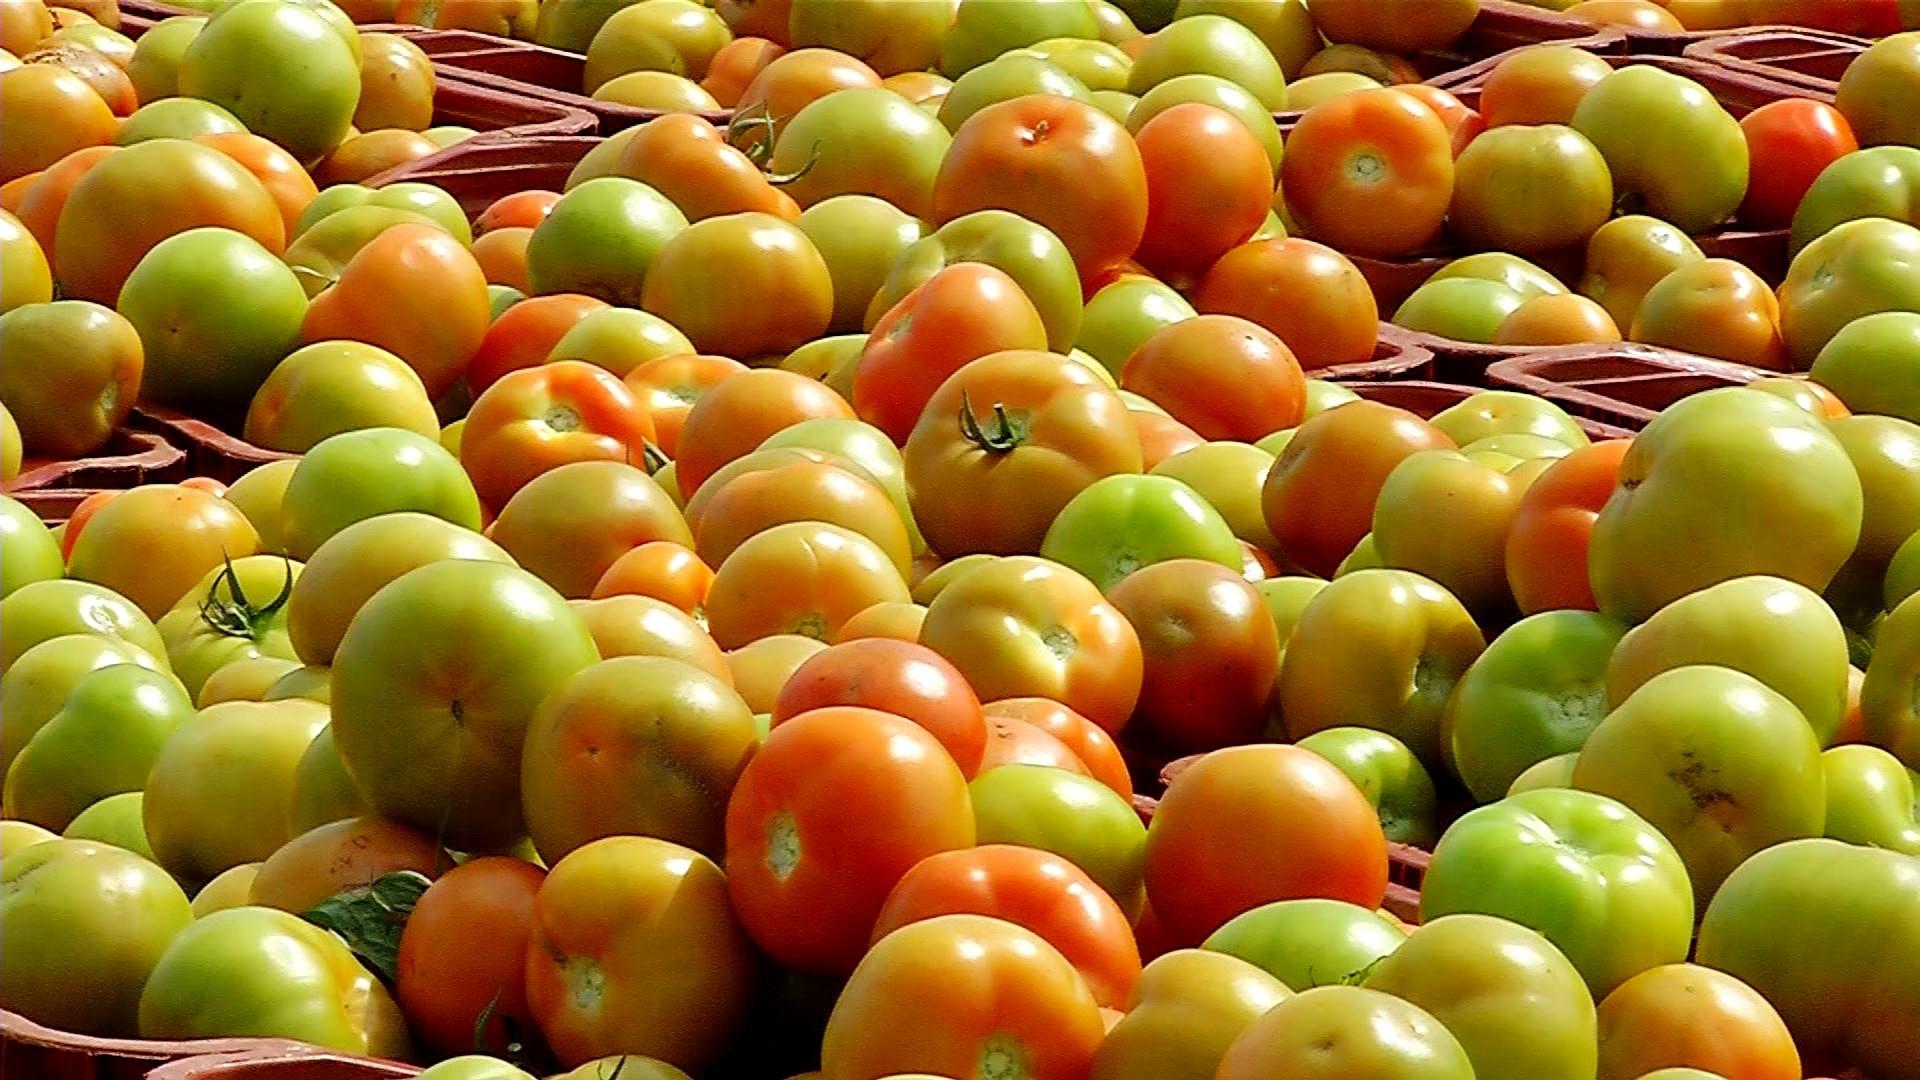 Batata e tomate ajudam a inflacionar preço da cesta básica nos supermercados em Presidente Prudente